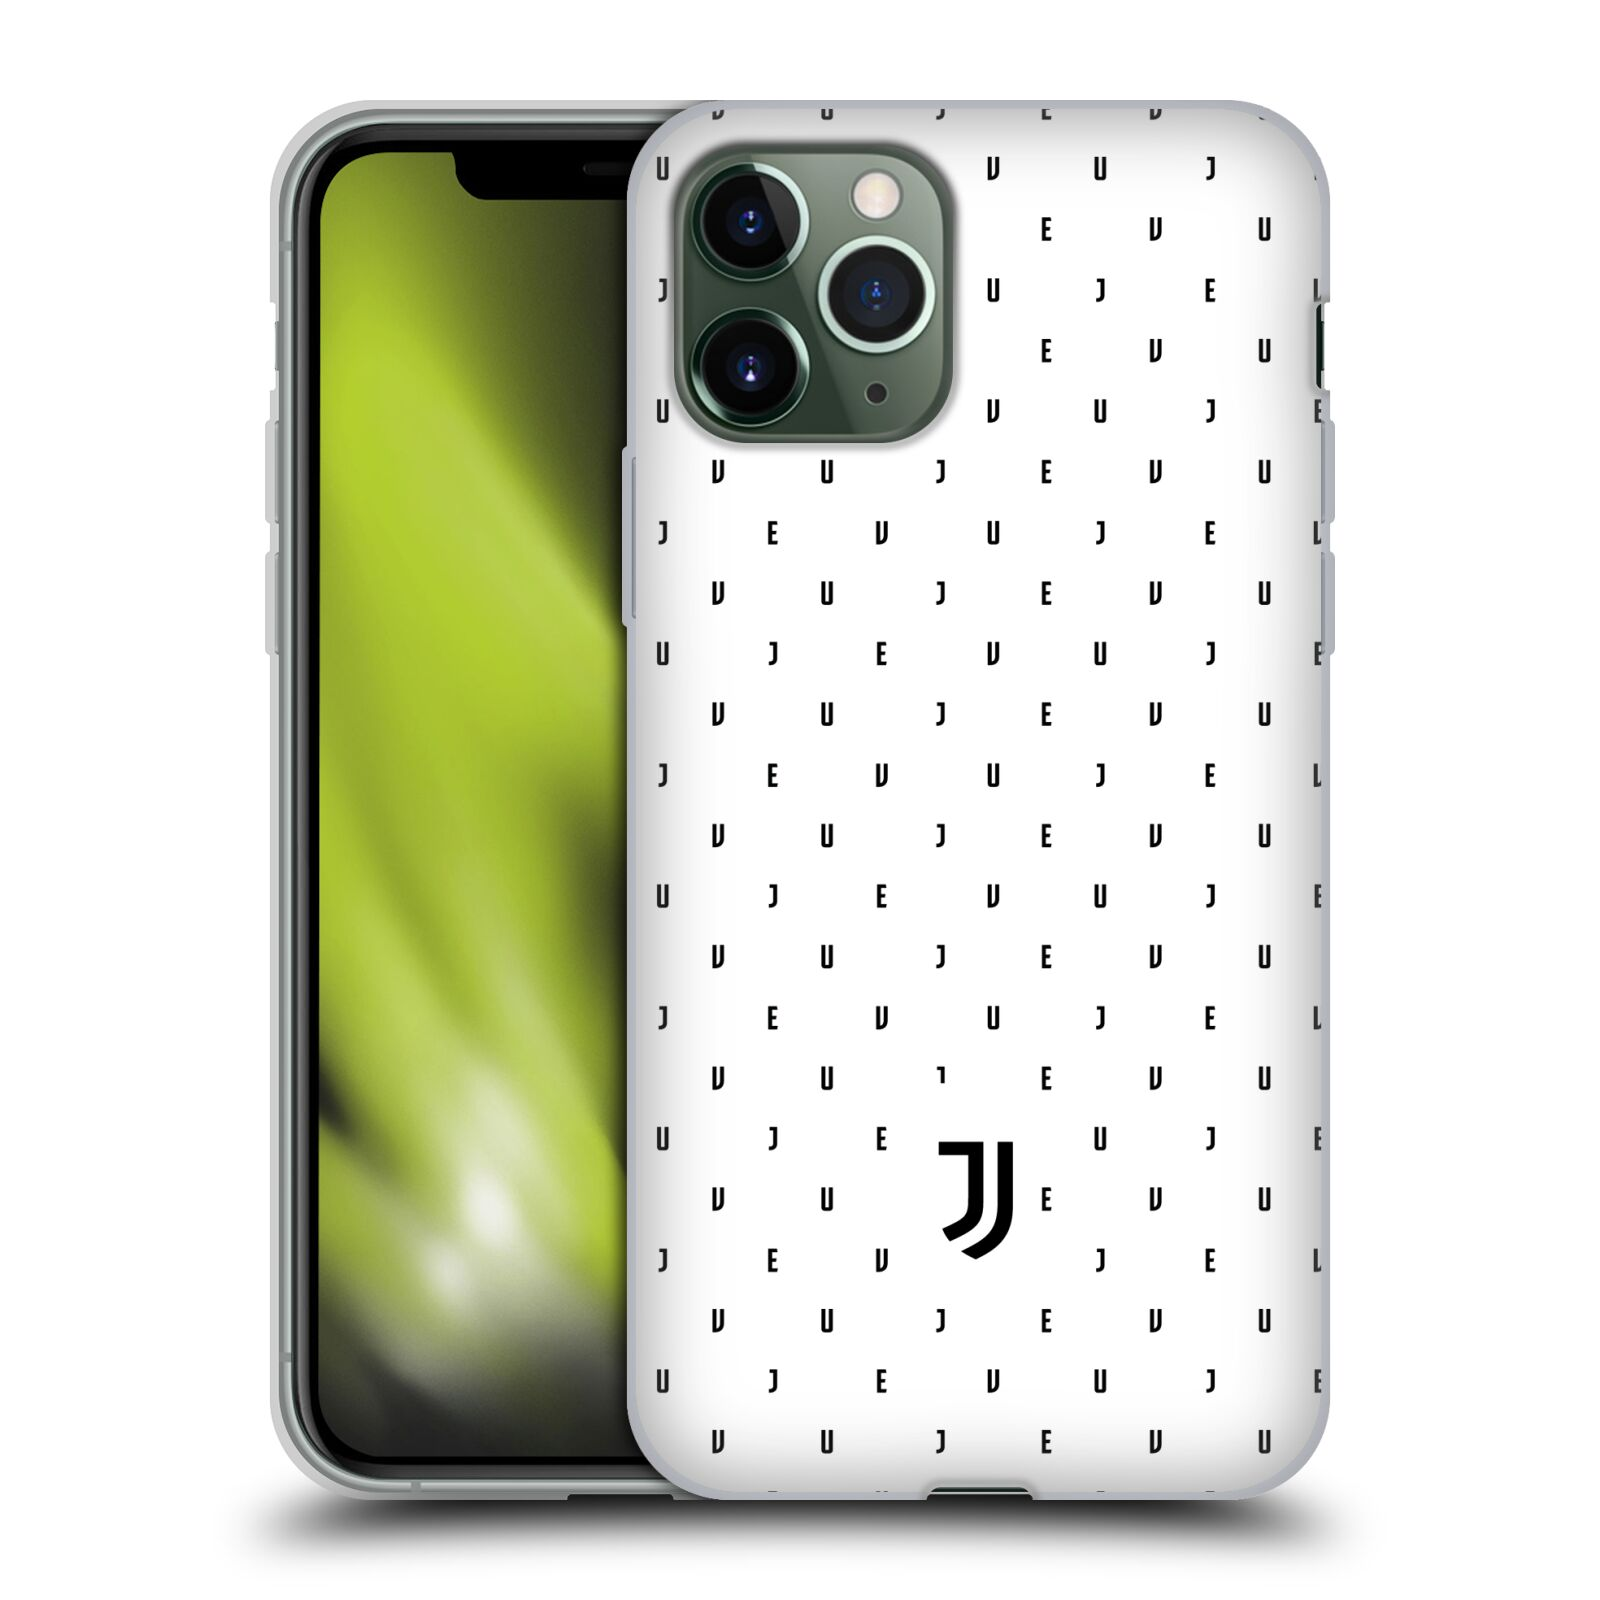 Silikonové pouzdro na mobil Apple iPhone 11 Pro - Head Case - Juventus FC - Nové logo - Decentní